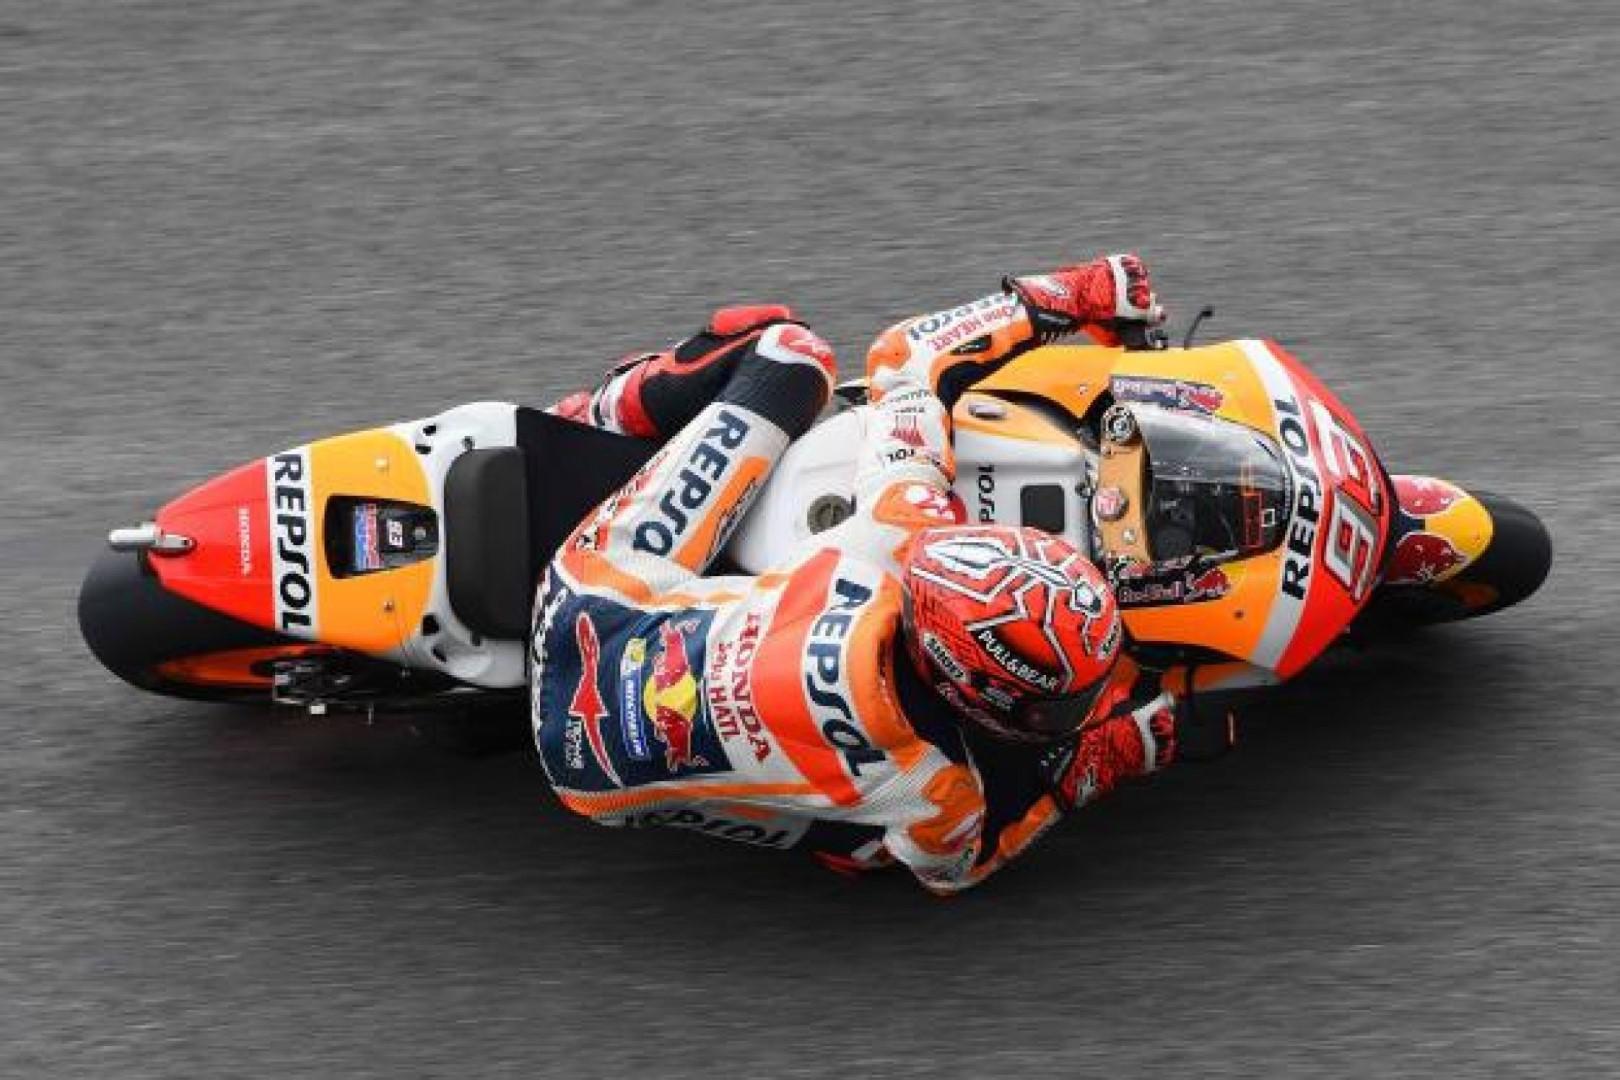 Moto GP allemagne : victoire de Marquez son deuxième succès de la saison